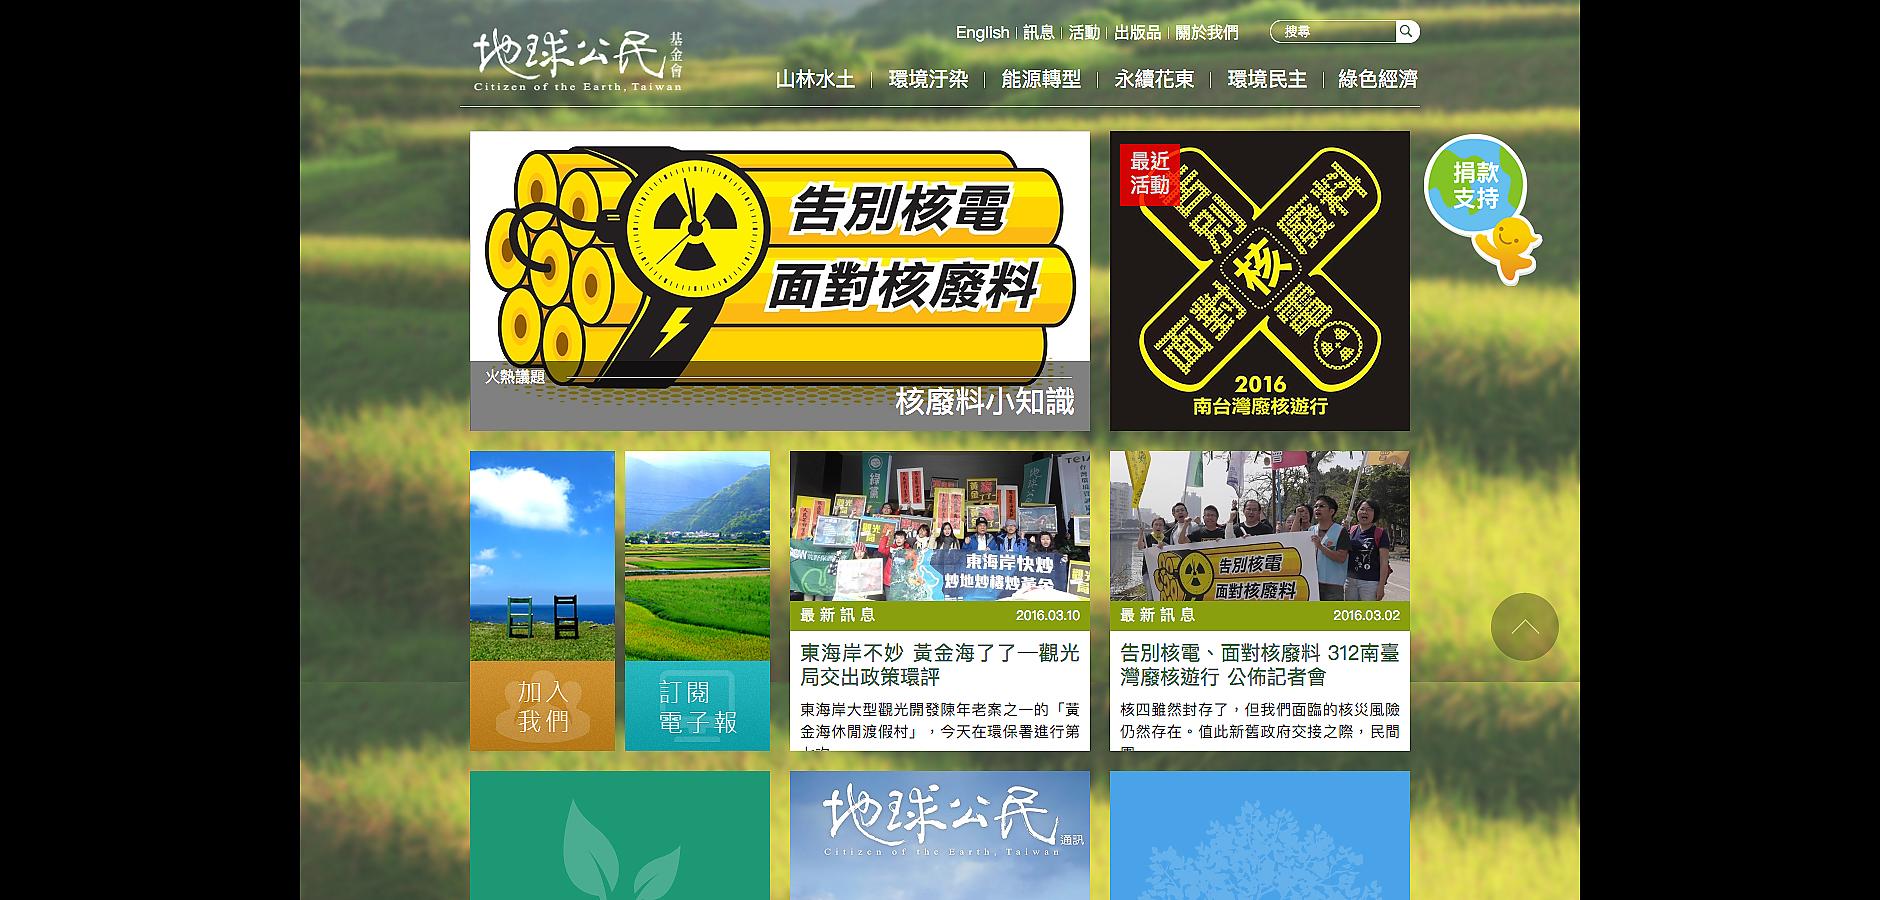 地球公民基金會 - 網站首頁